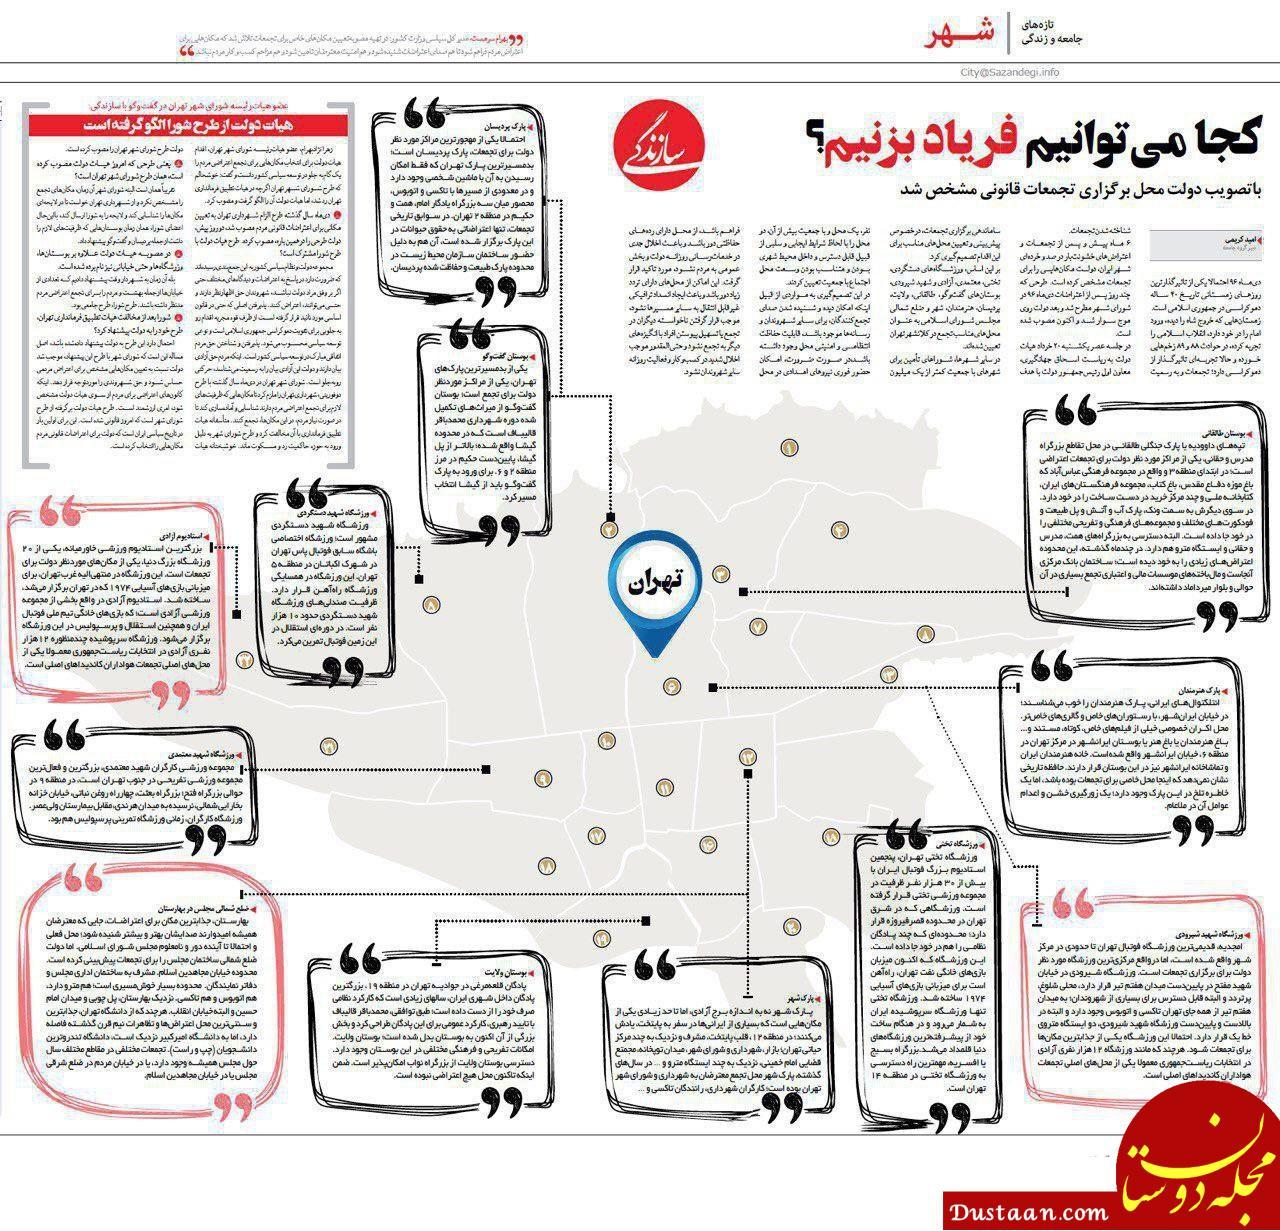 www.dustaan.com راهنمای مراکز قانونی تجمعات اعتراضی تهران